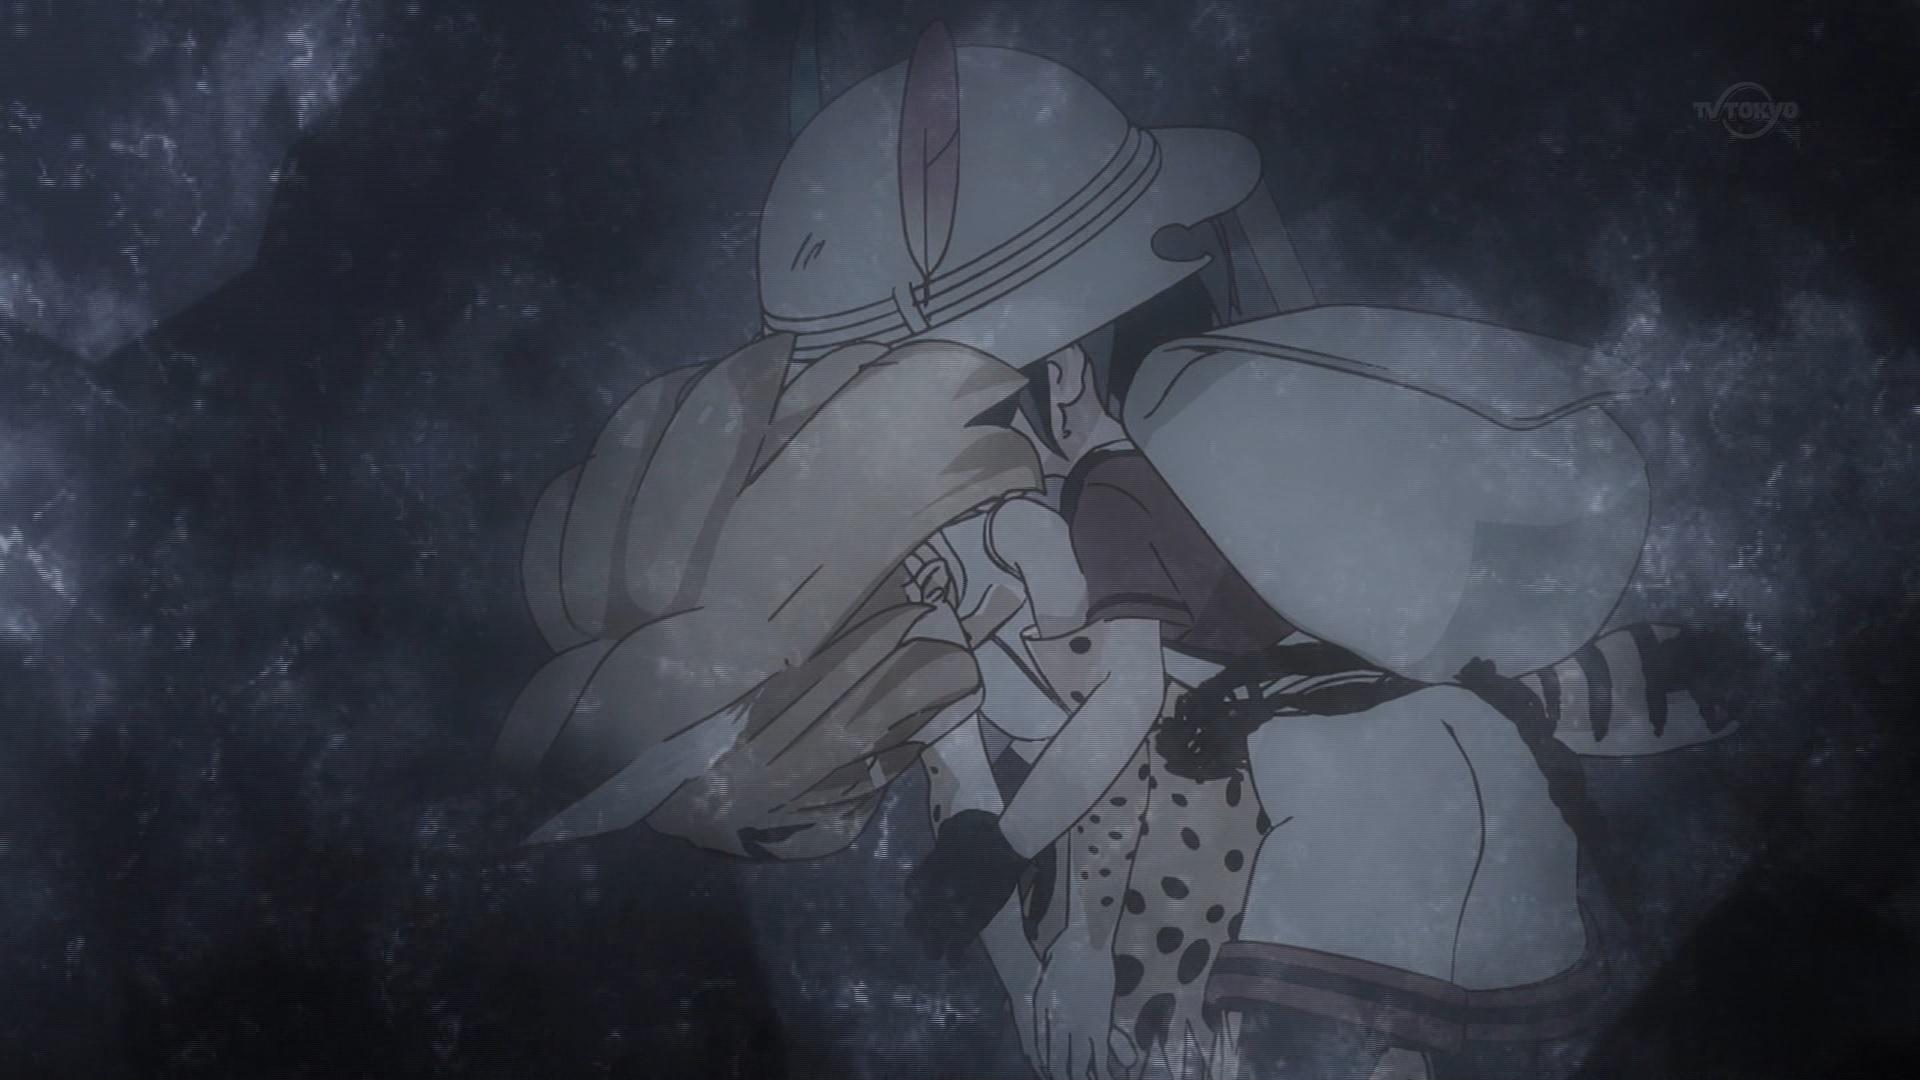 サーバルちゃんを助けるかばんちゃん(けものフレンズ11話画像)